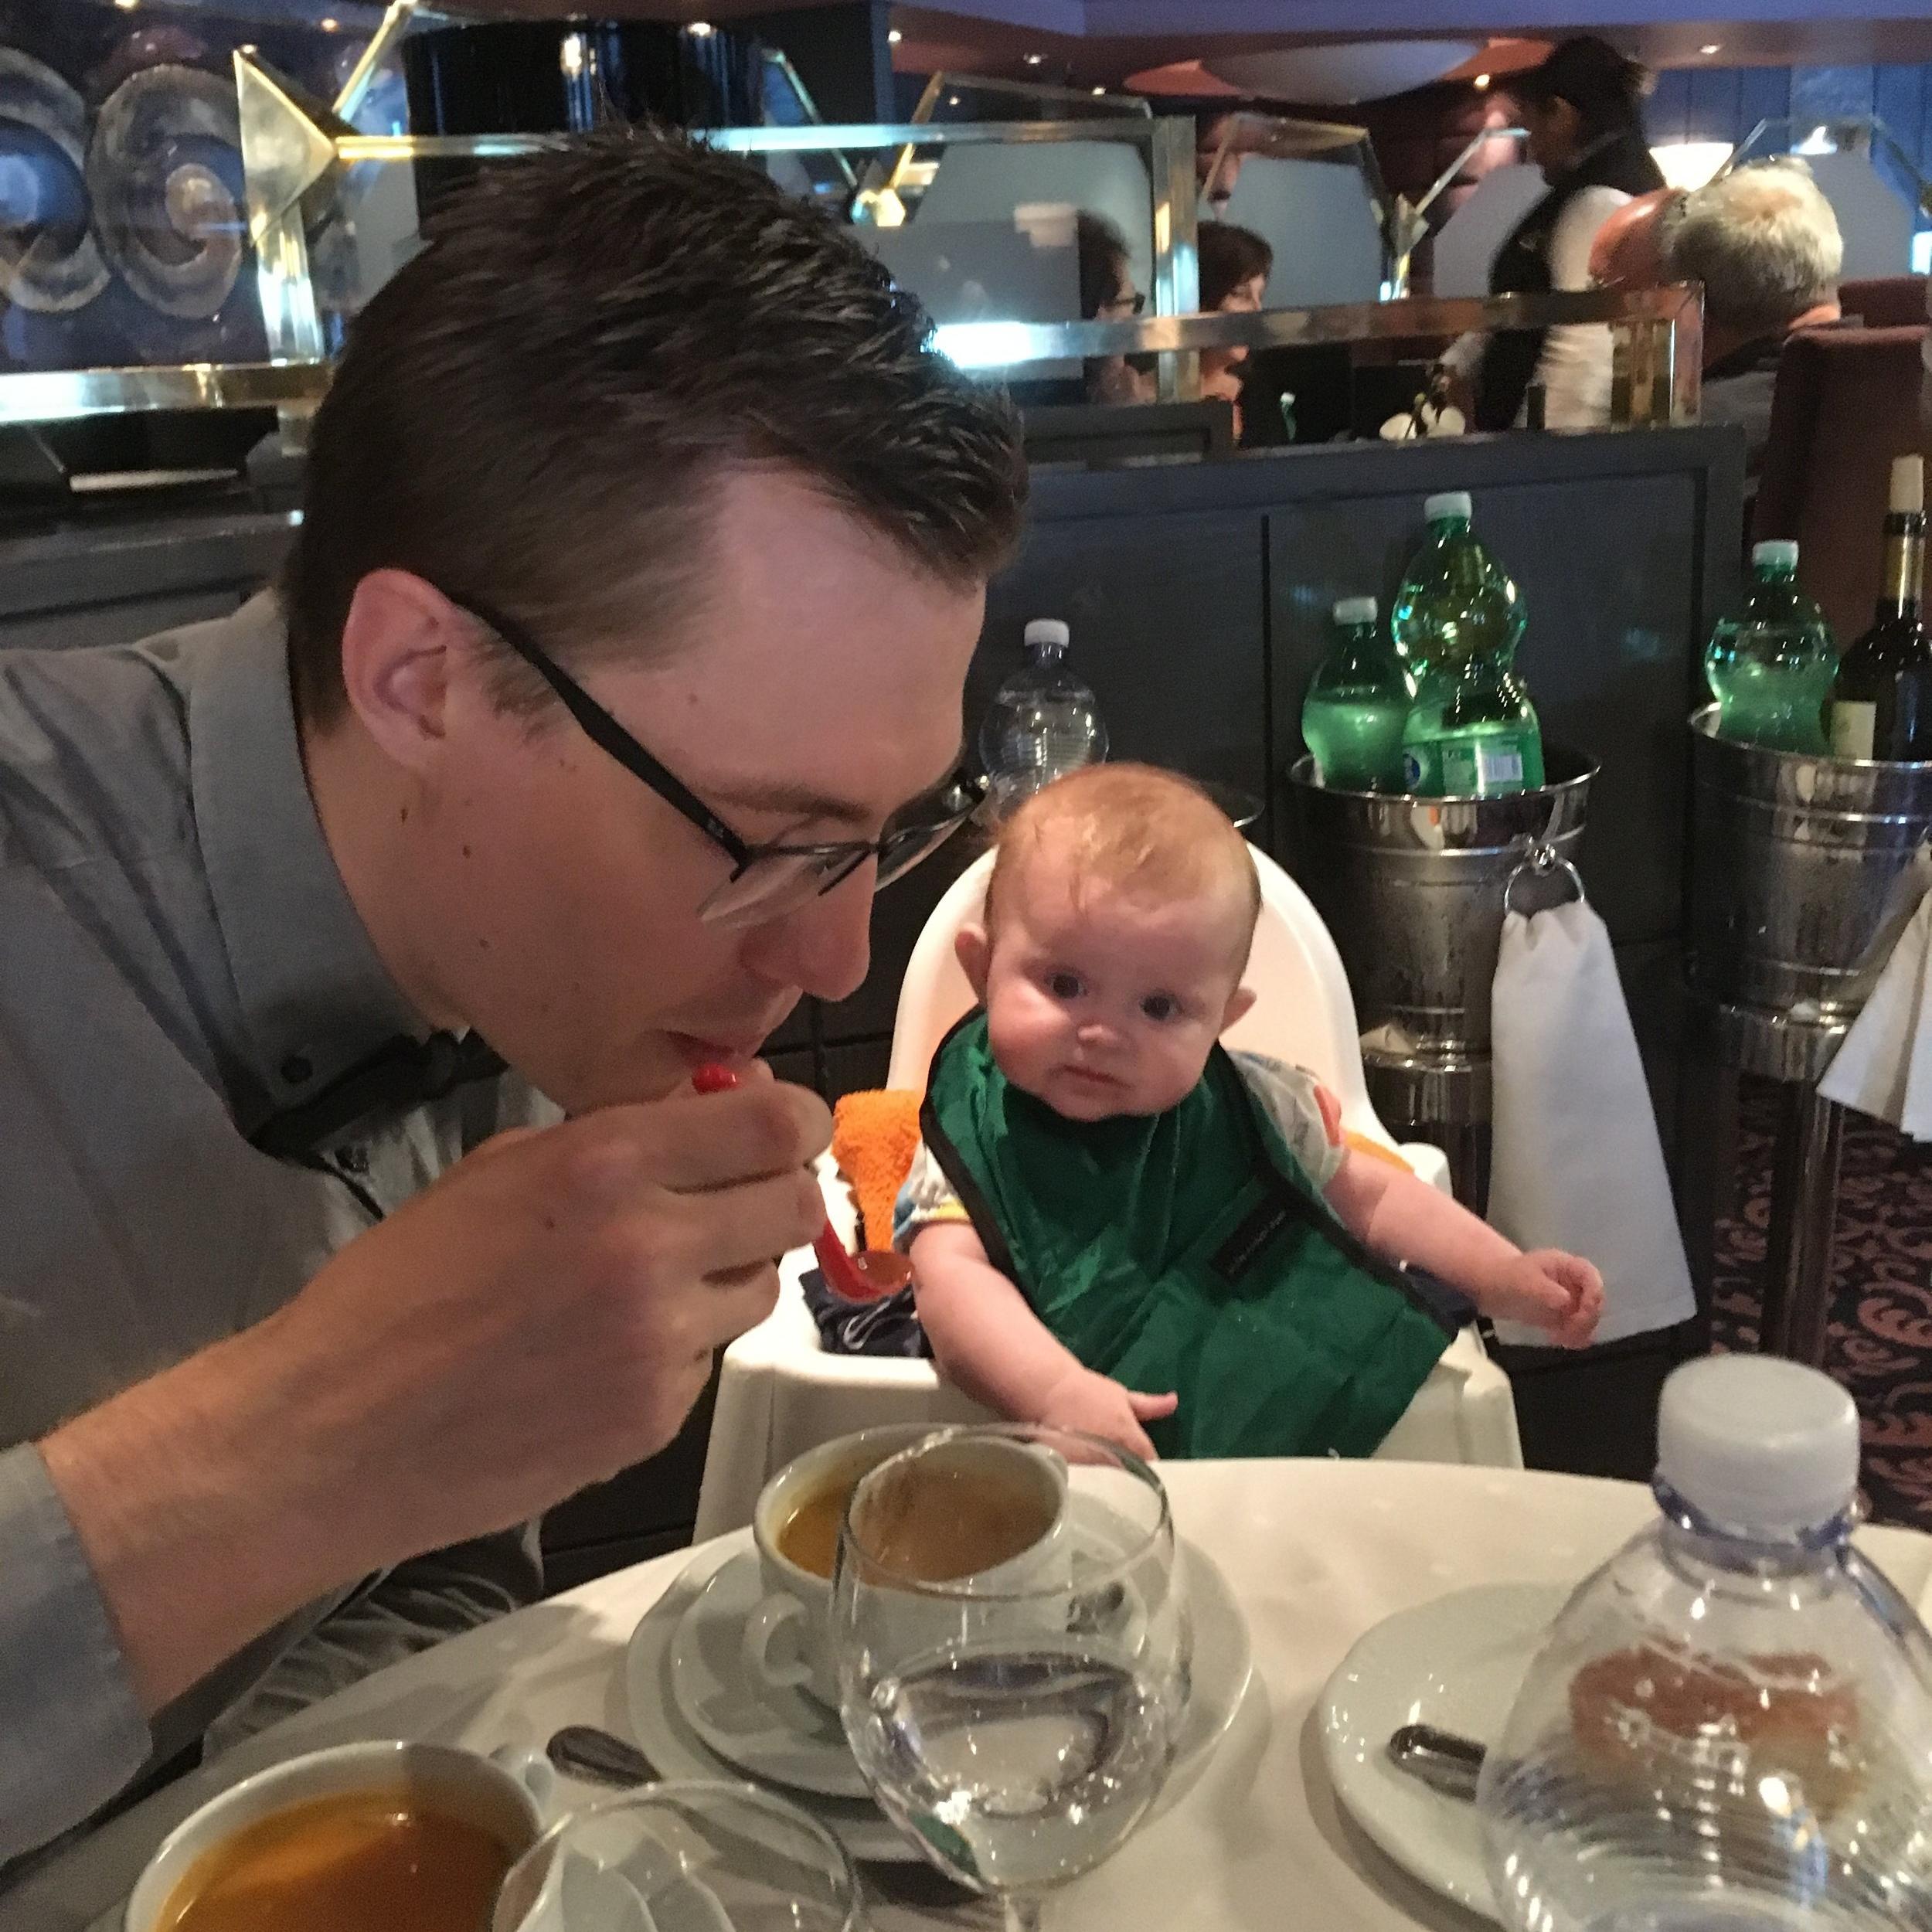 Galamiddag ombord! Smarrigt med grönsakssoppa tycker Edith